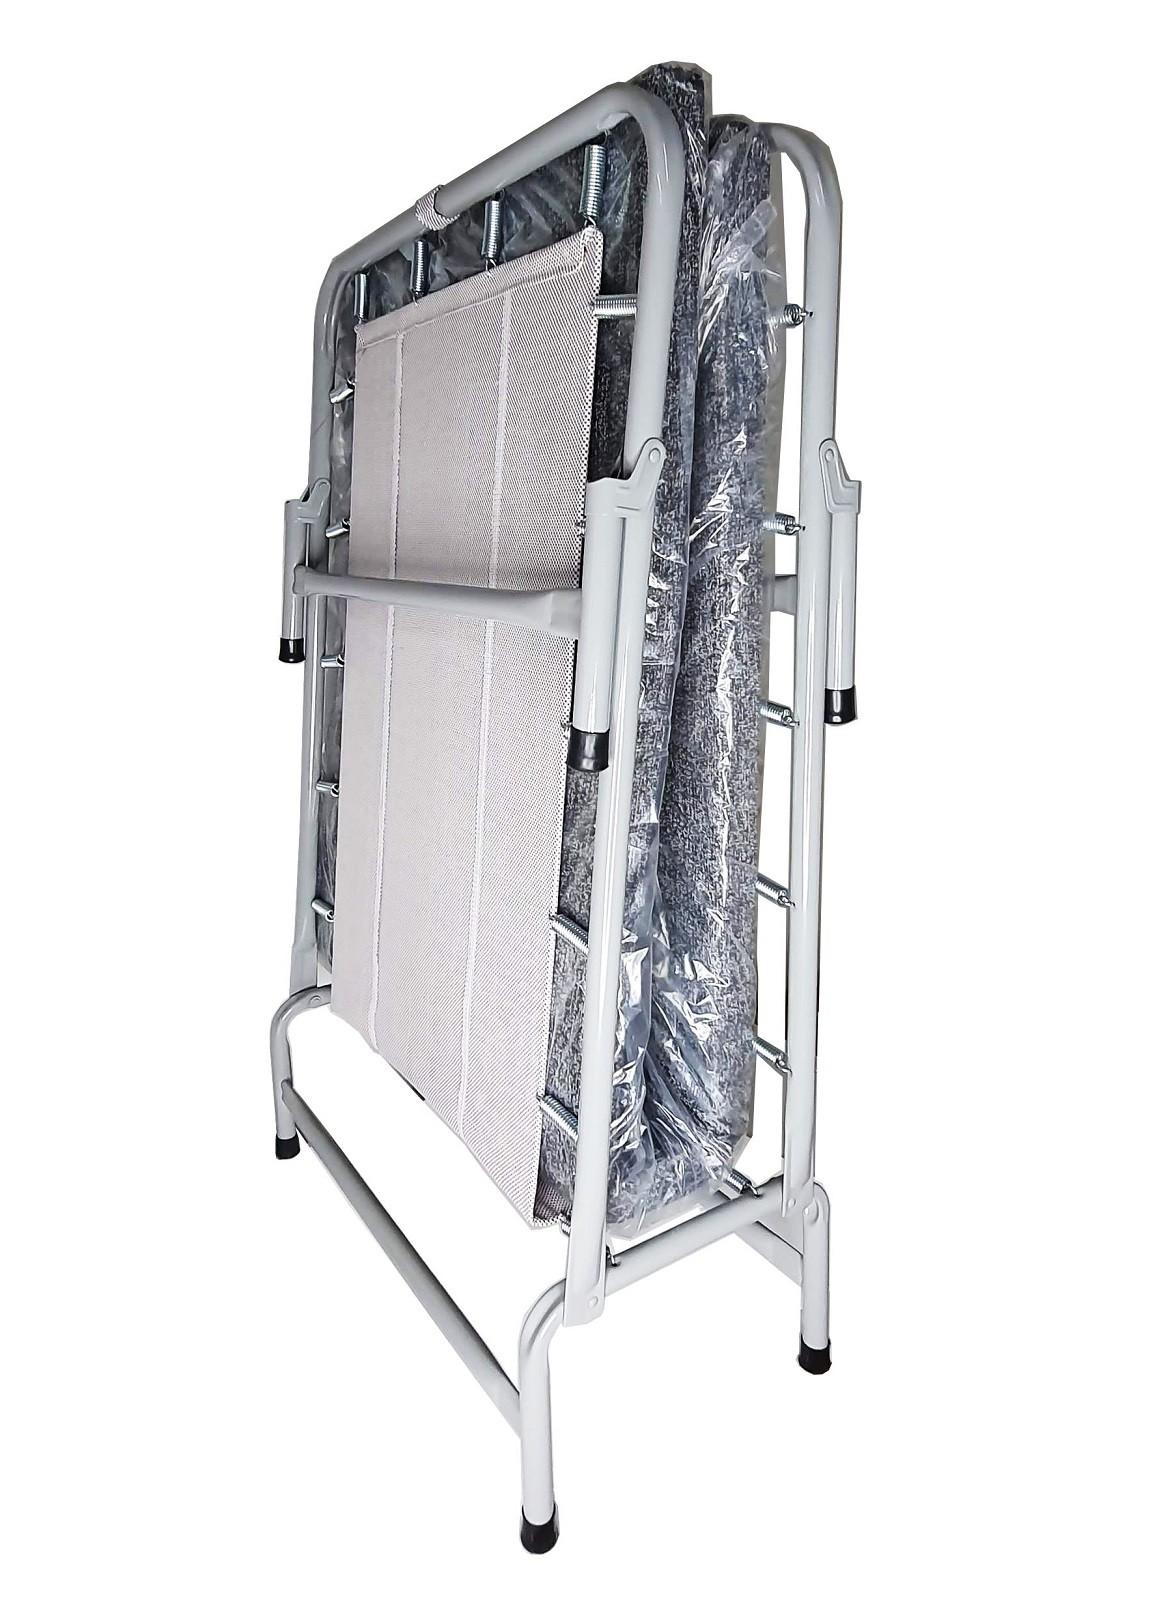 Cama Dobrável Em Aço CL COM Colchonete 100kg Hashigo - CL H-137